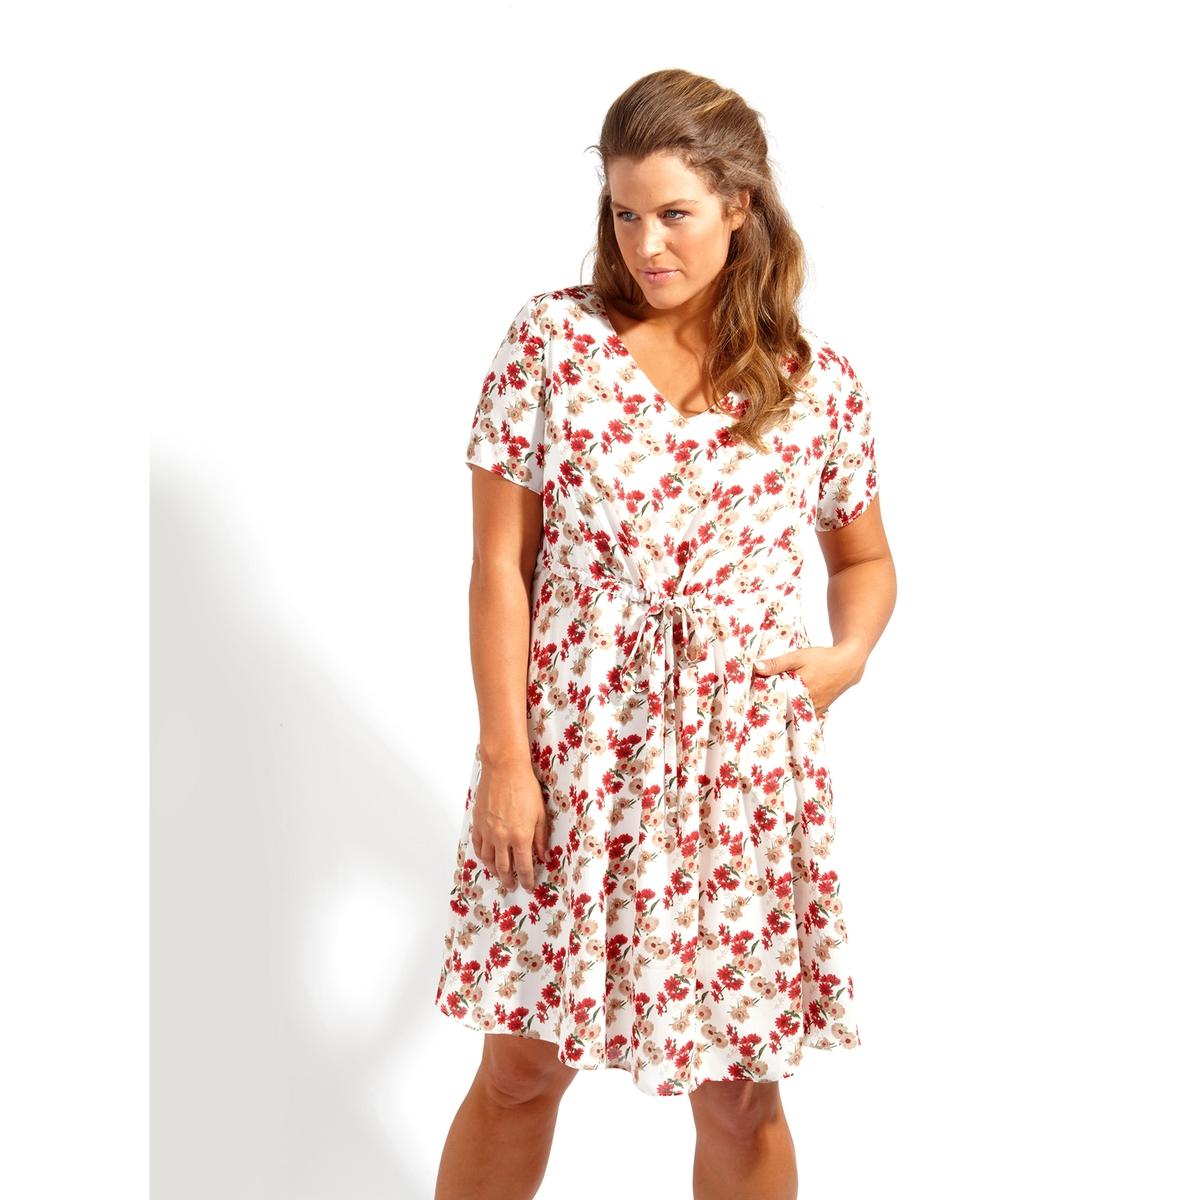 ПлатьеПлатье - KOKO BY KOKO. Красивое платье с V-образным декольте, завязками на поясе и карманами  . 100% полиэстер<br><br>Цвет: набивной рисунок